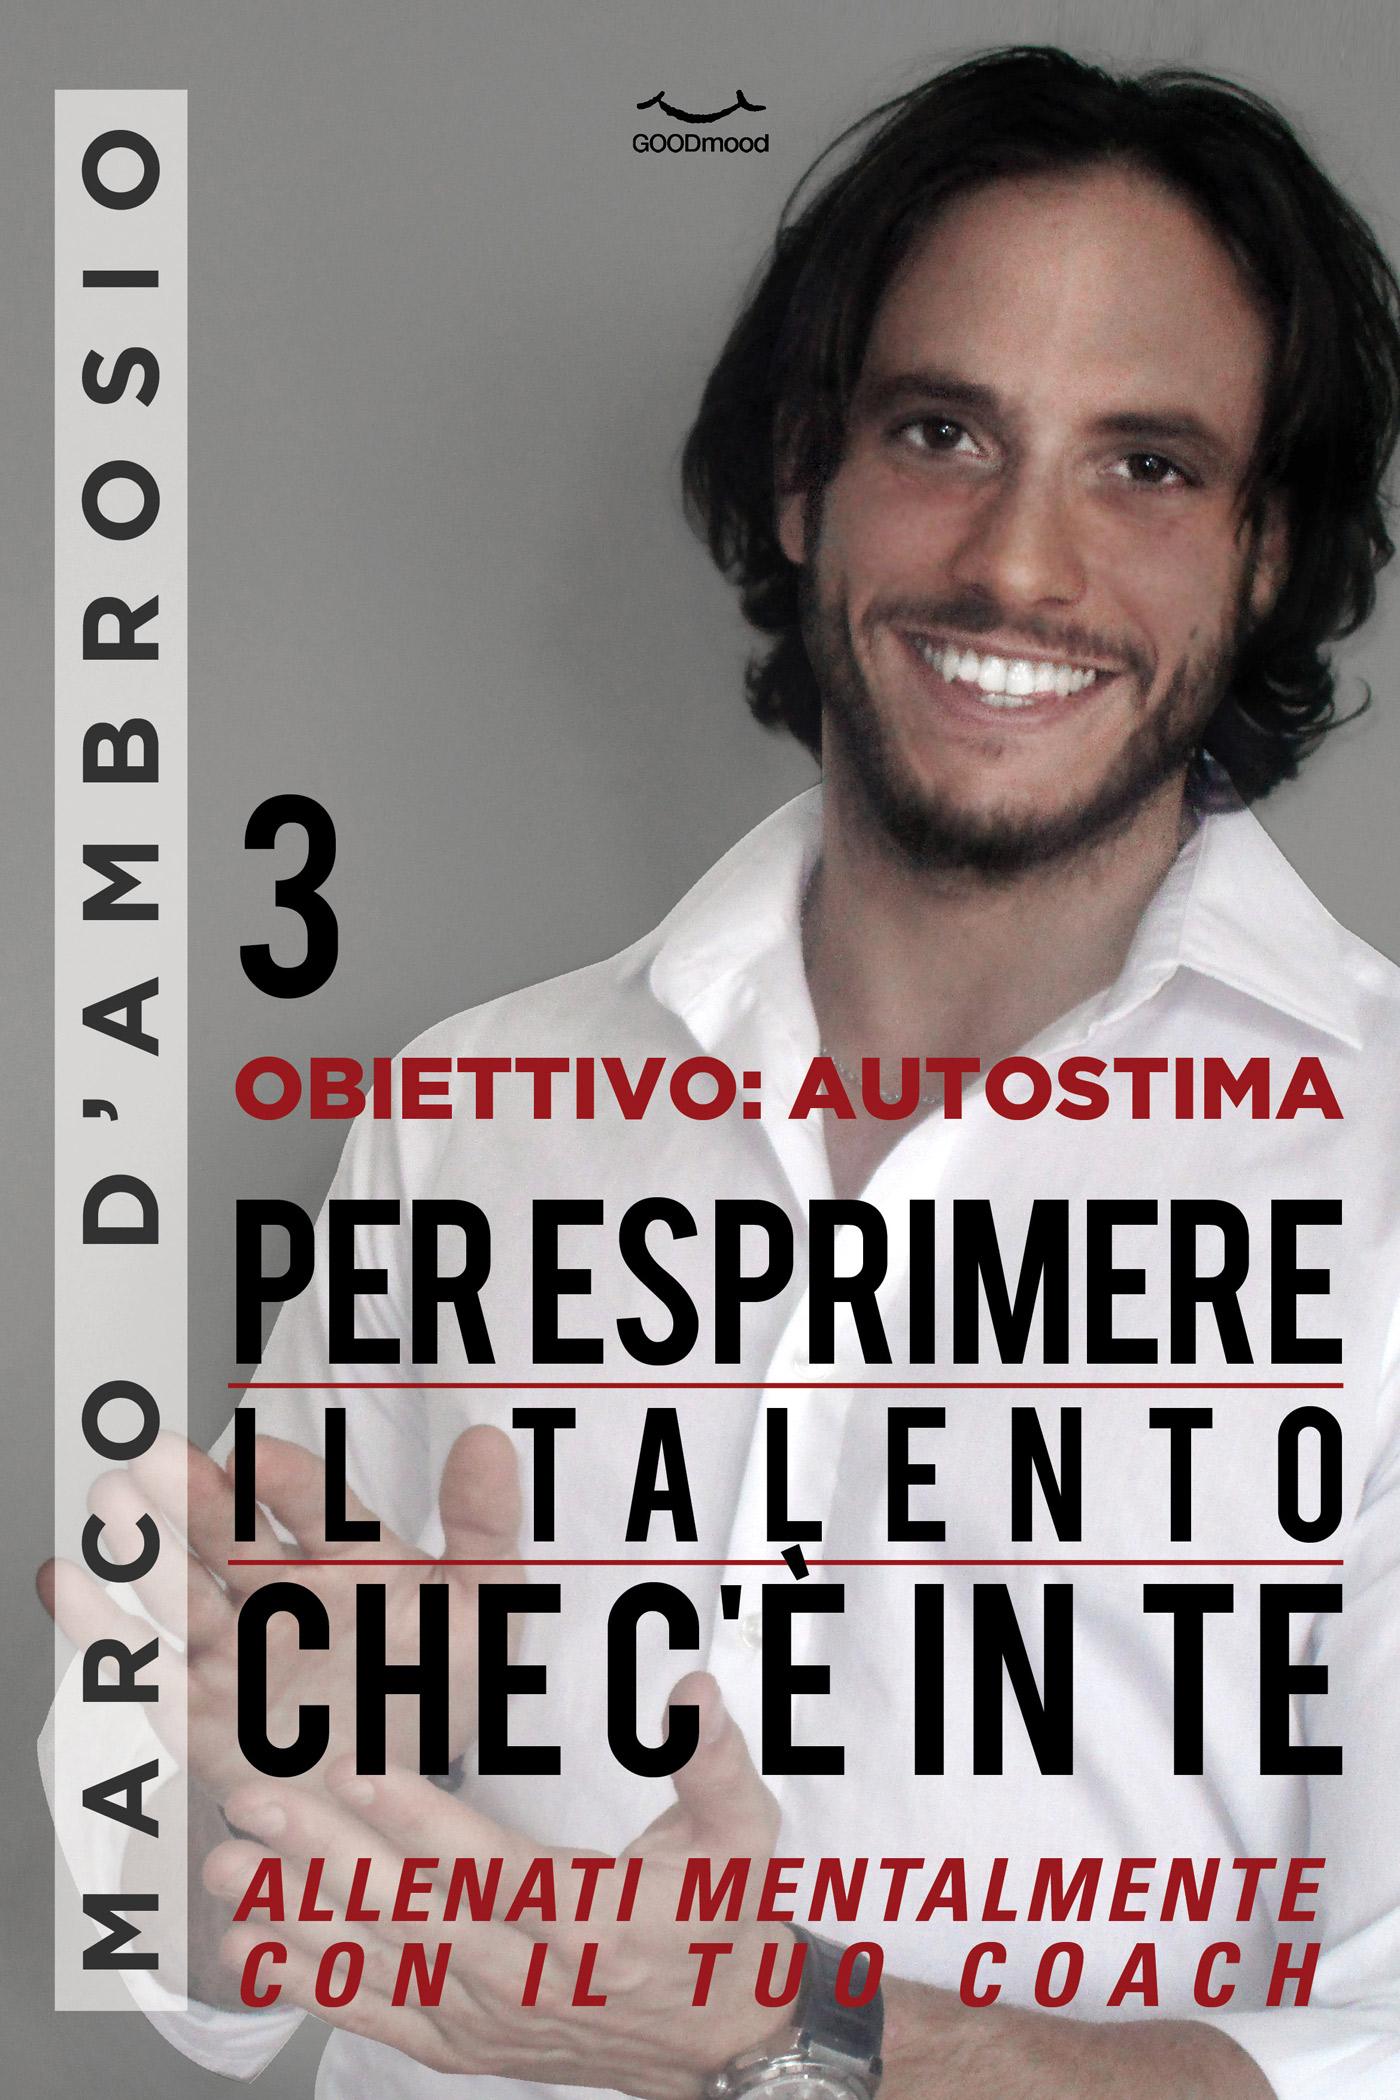 Obiettivo: Autostima 3. Per esprimere il Talento che c'è in te-0